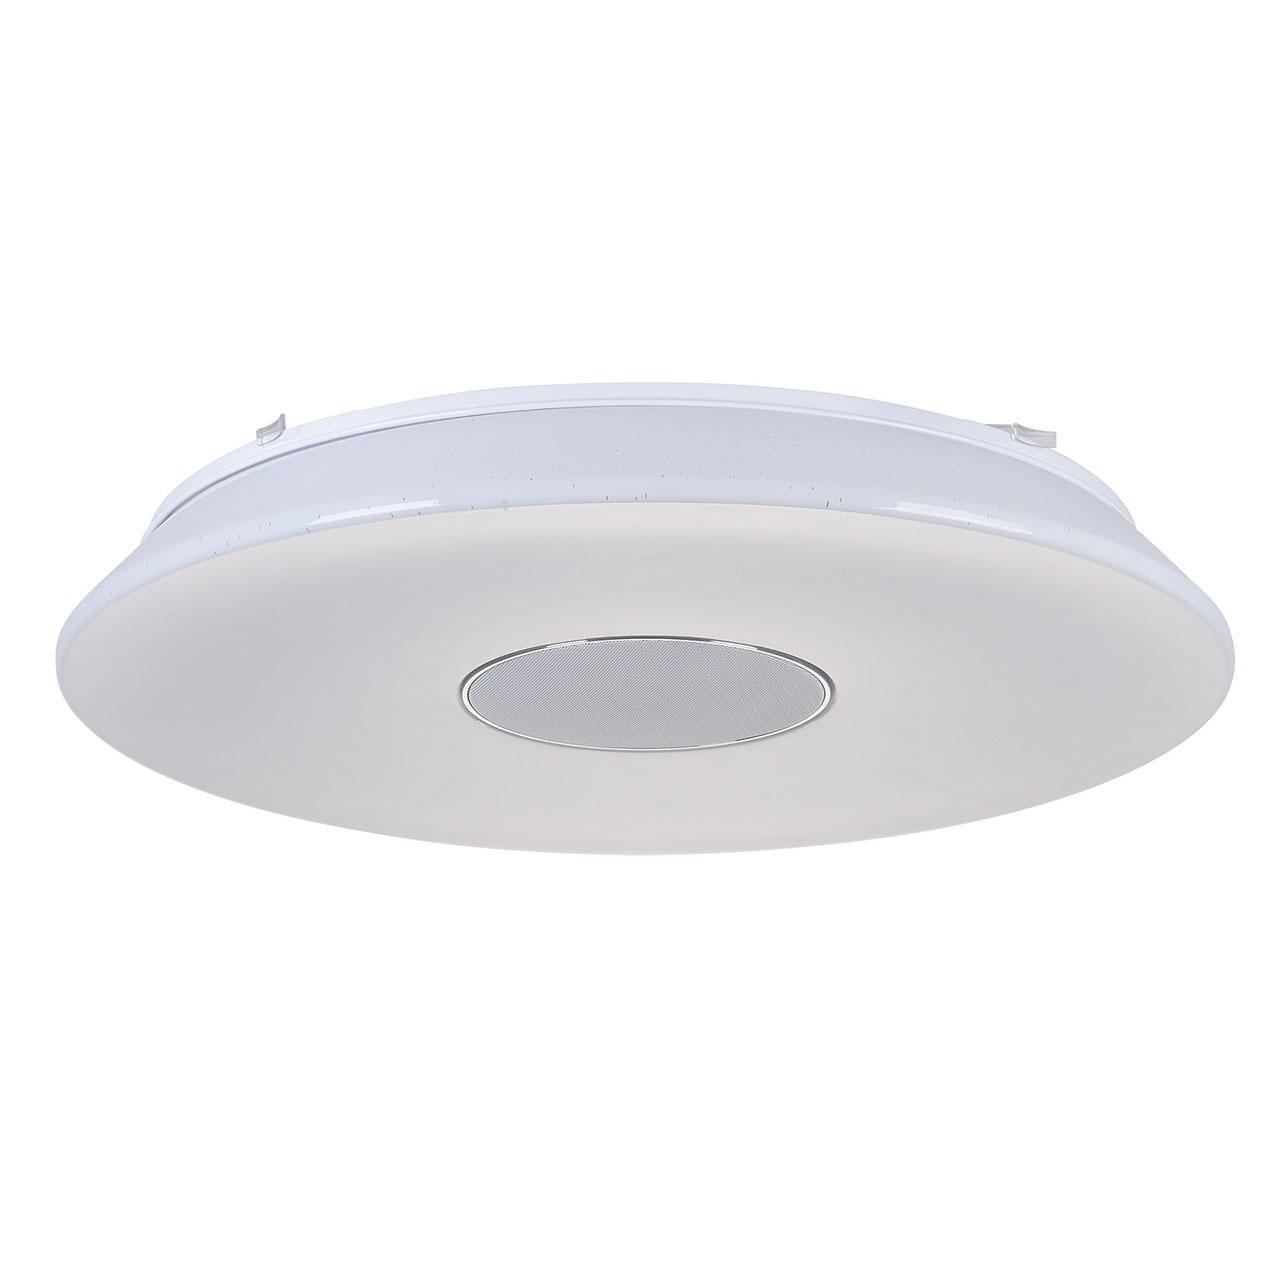 Потолочный светильник Maytoni MOD358-CL-01-60W-W, белый maytoni потолочный светильник maytoni music 60 mod358 cl 01 60w w